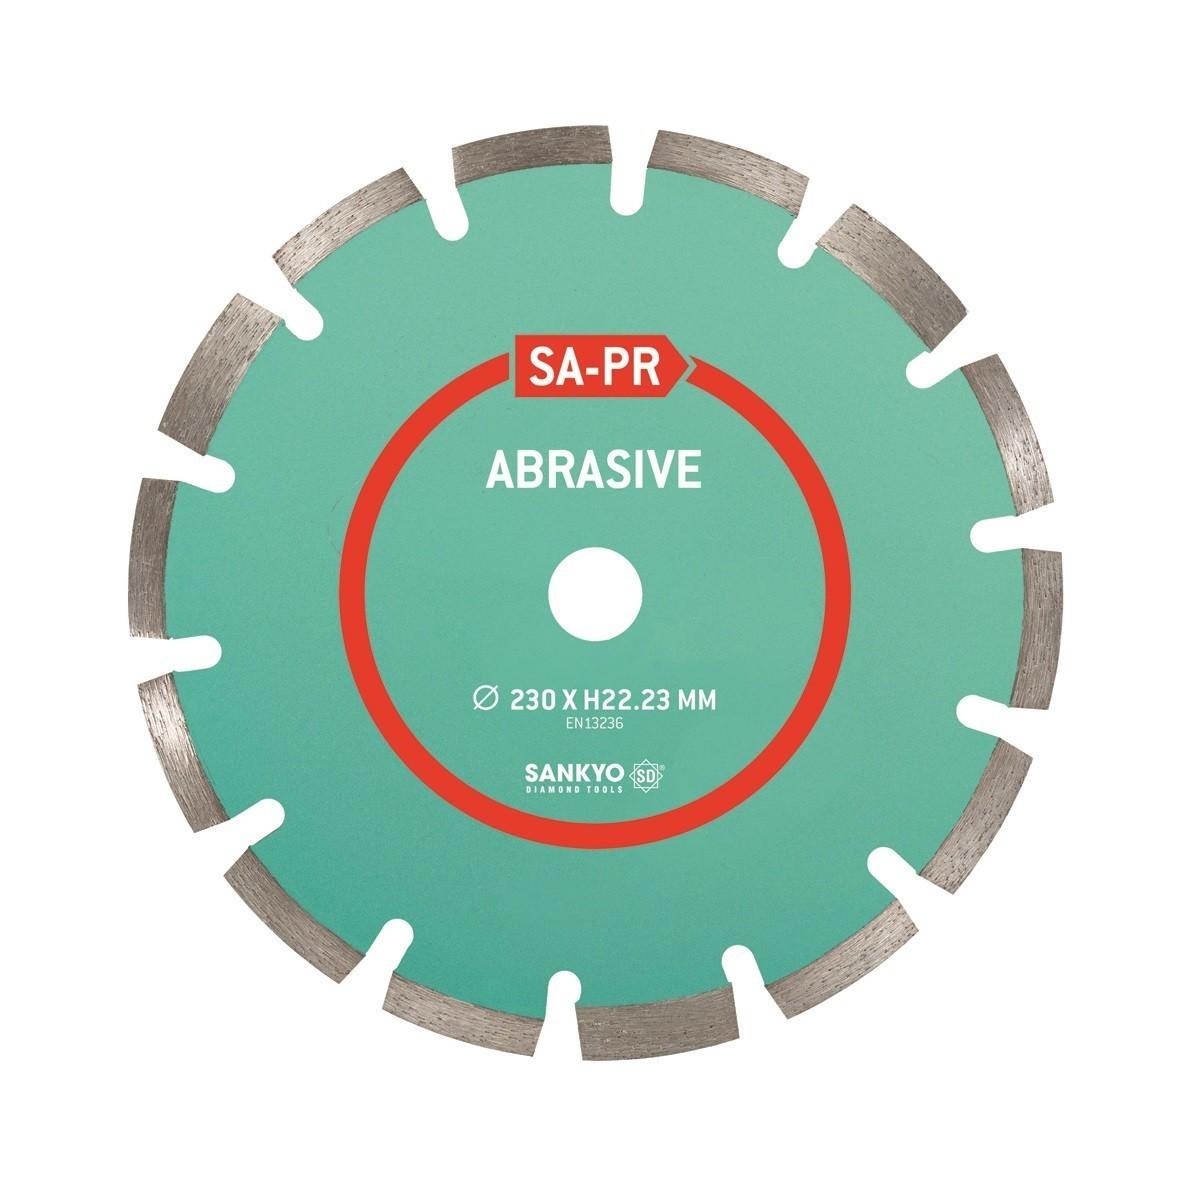 Sankyo diamantzaag baksteen/abrasief SA-PR -22.2-150